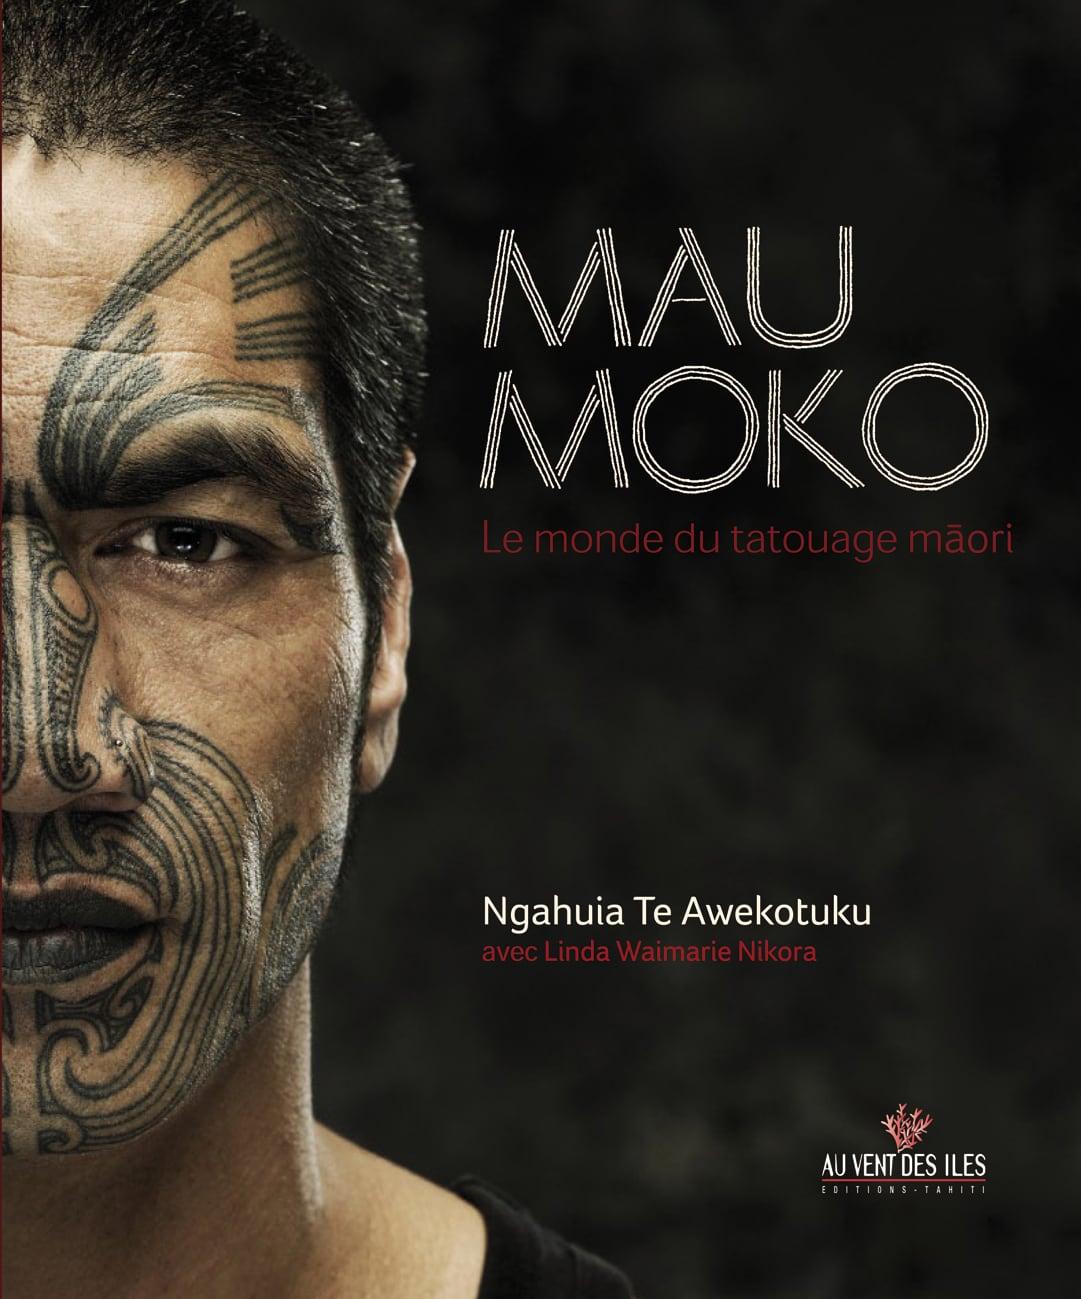 MauMoko